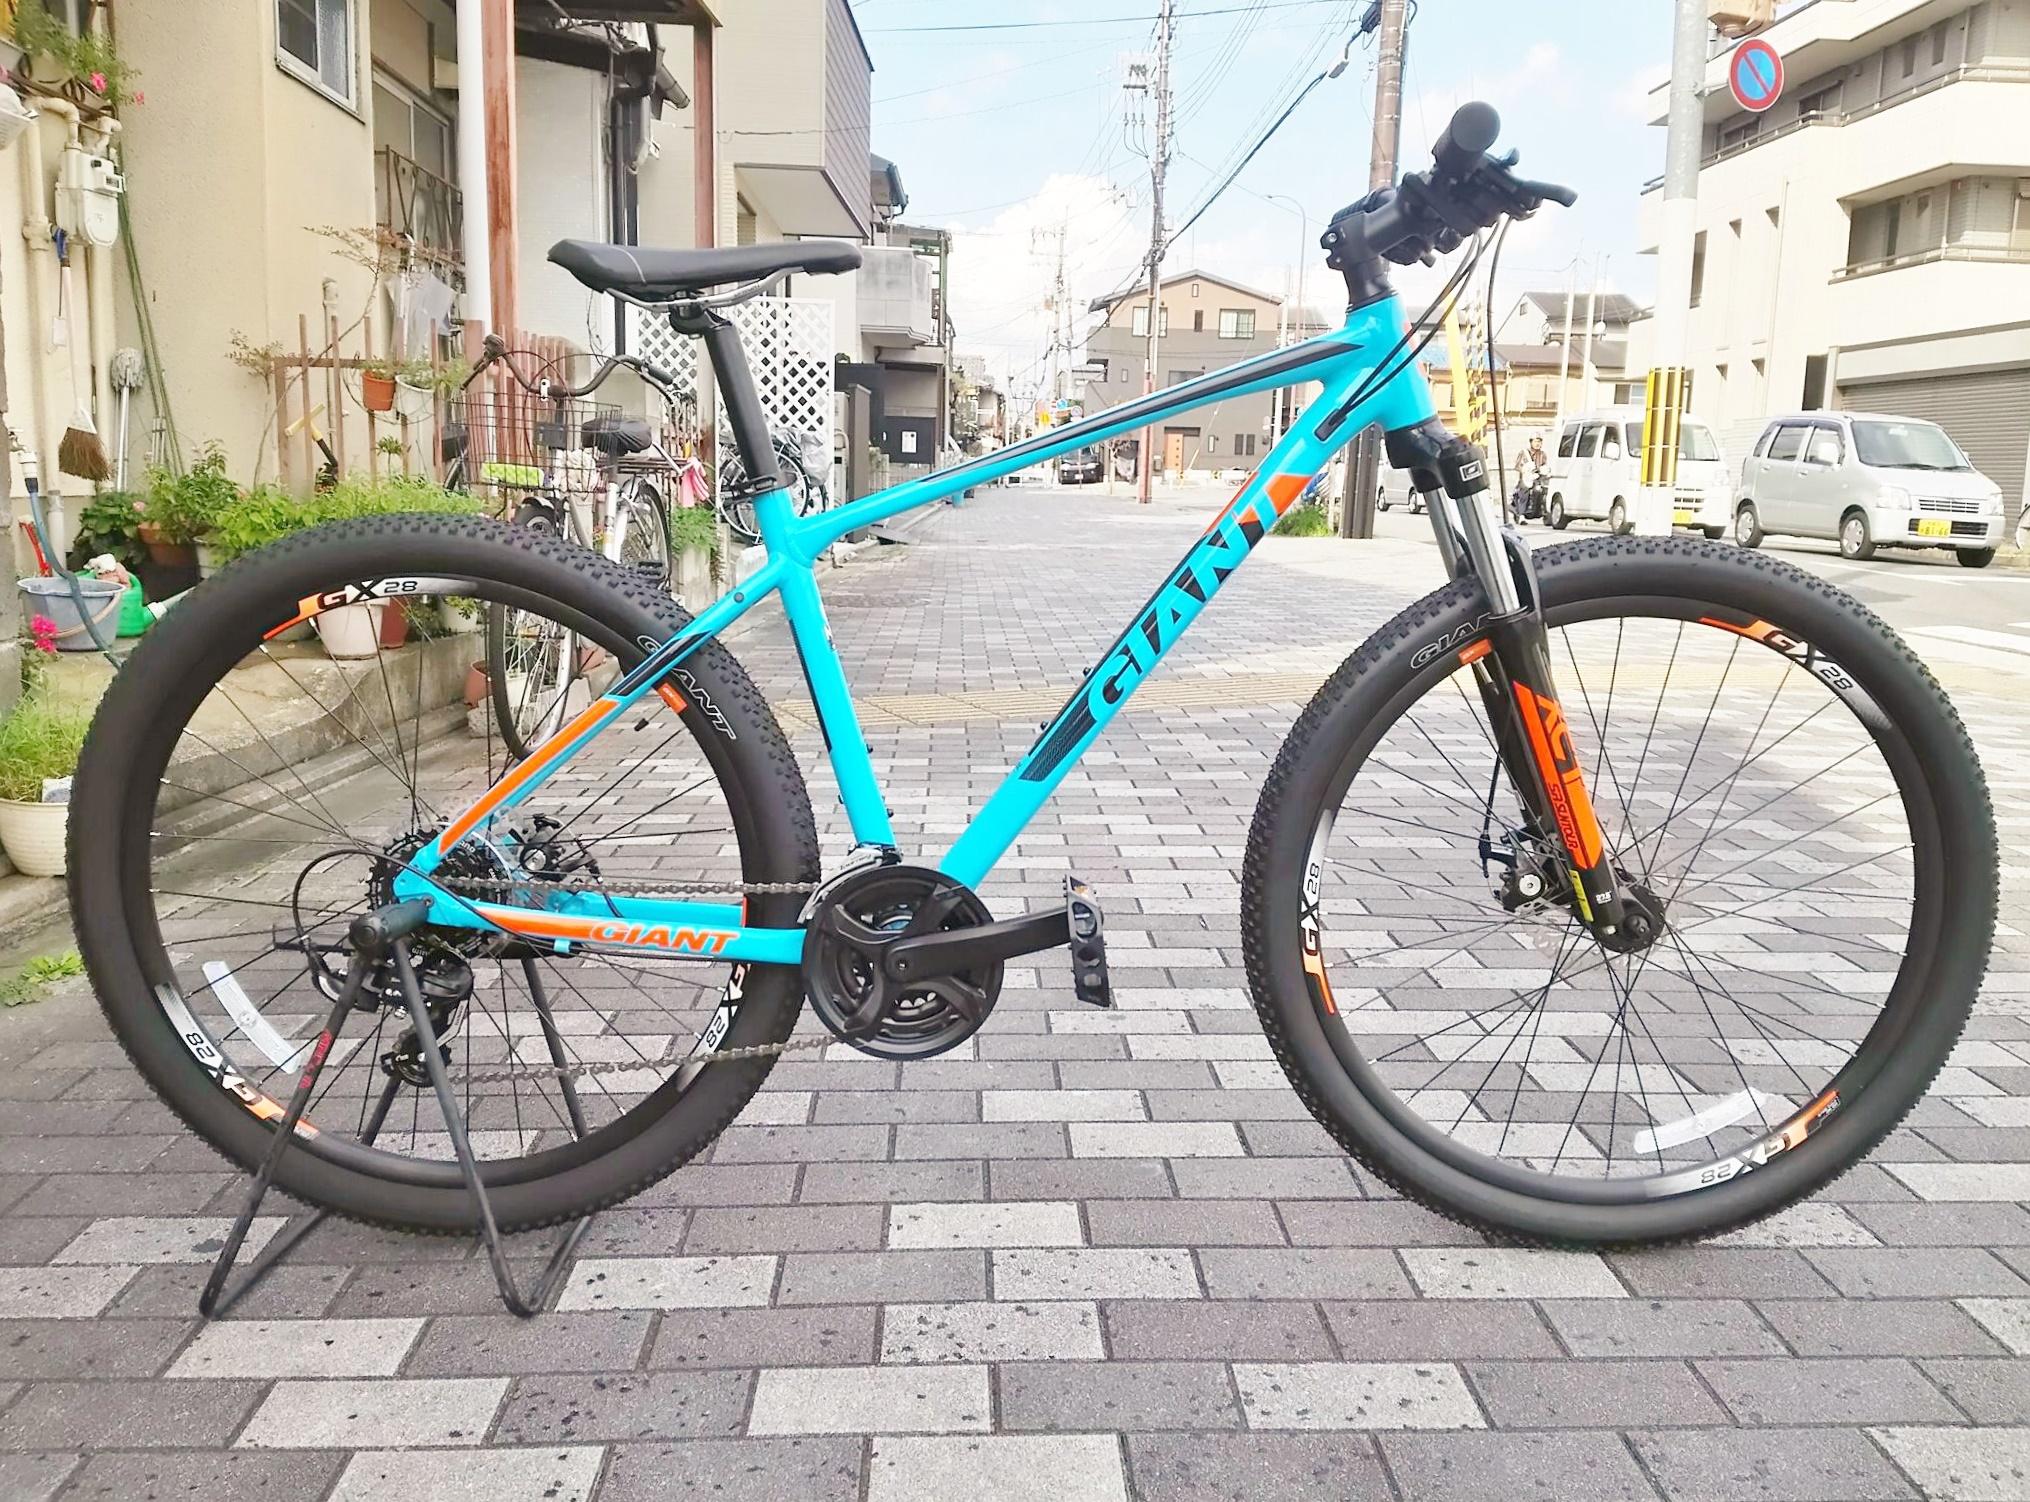 舗装路からダートまで幅広く乗れるマウンテンバイク2019年モデルGIANT(ジャイアント)ATXのご紹介!GIANT(ジャイアント)ATX(エーティーエックス)2019年モデルメーカー販売価格:¥54,000(税抜)エイリン販売価格:¥48,600(税抜)